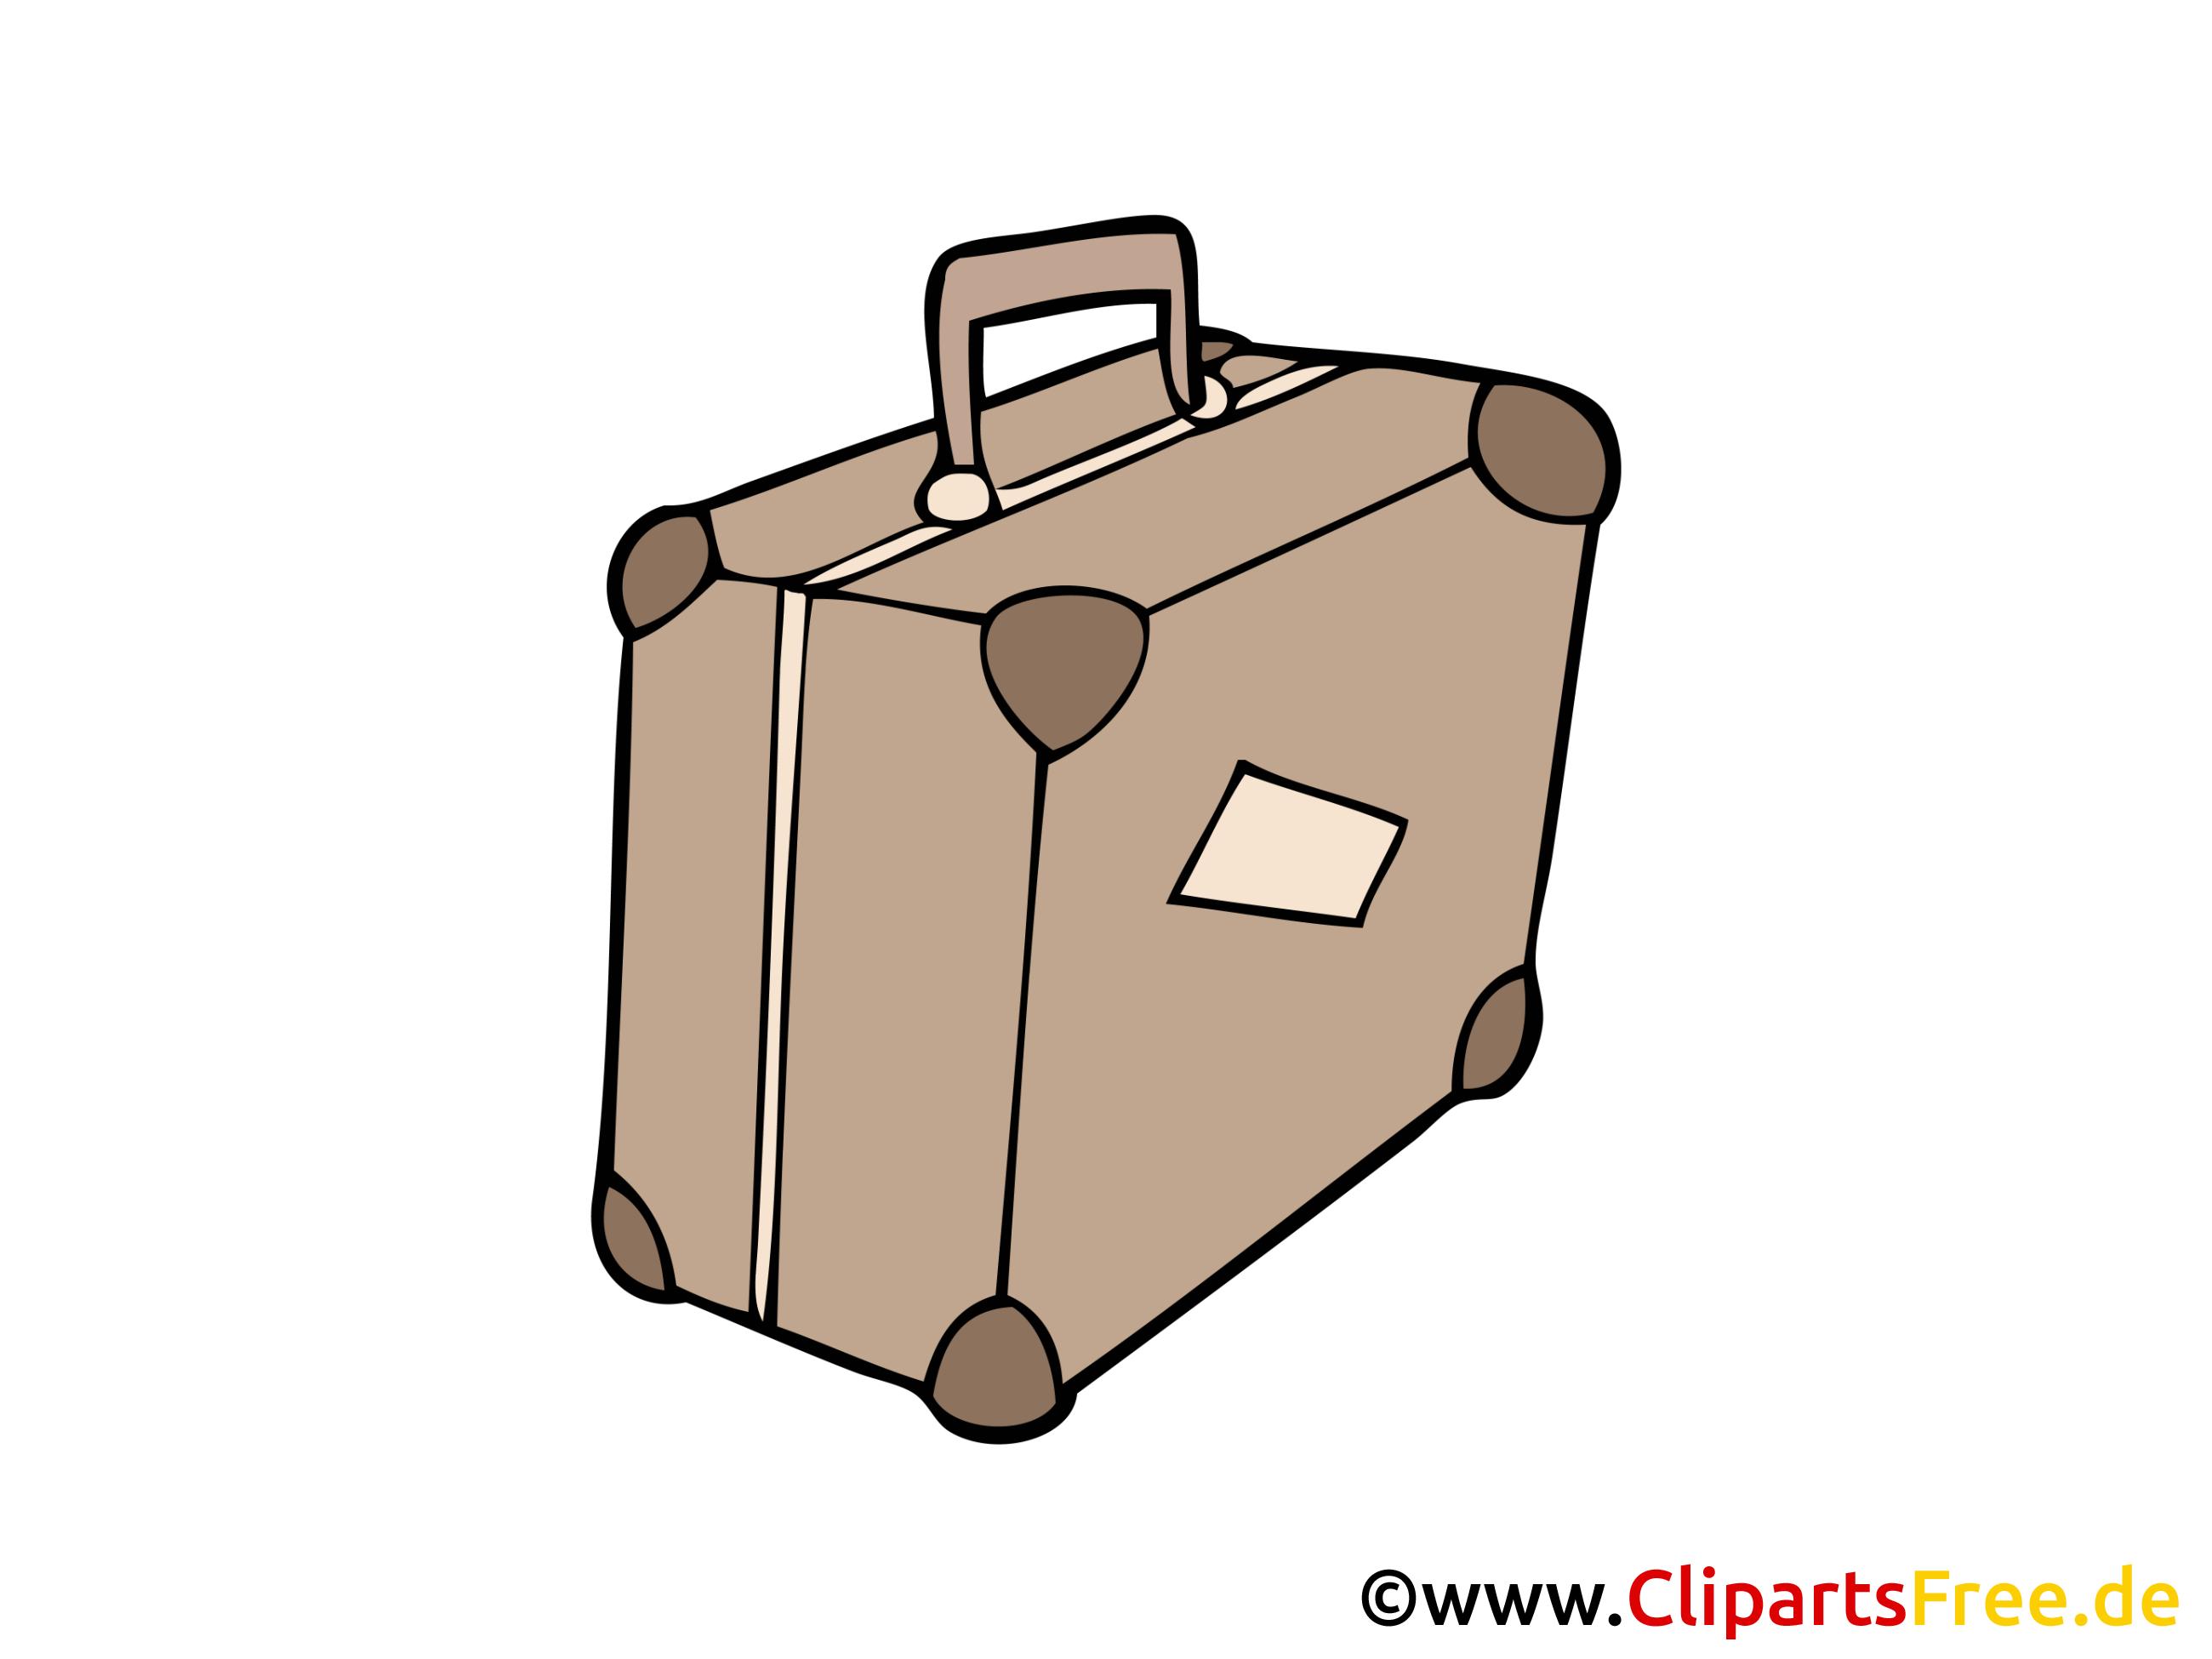 Reisekoffer Bild, Clipart, Illustration, Grafik, Zeichnung kostenlos